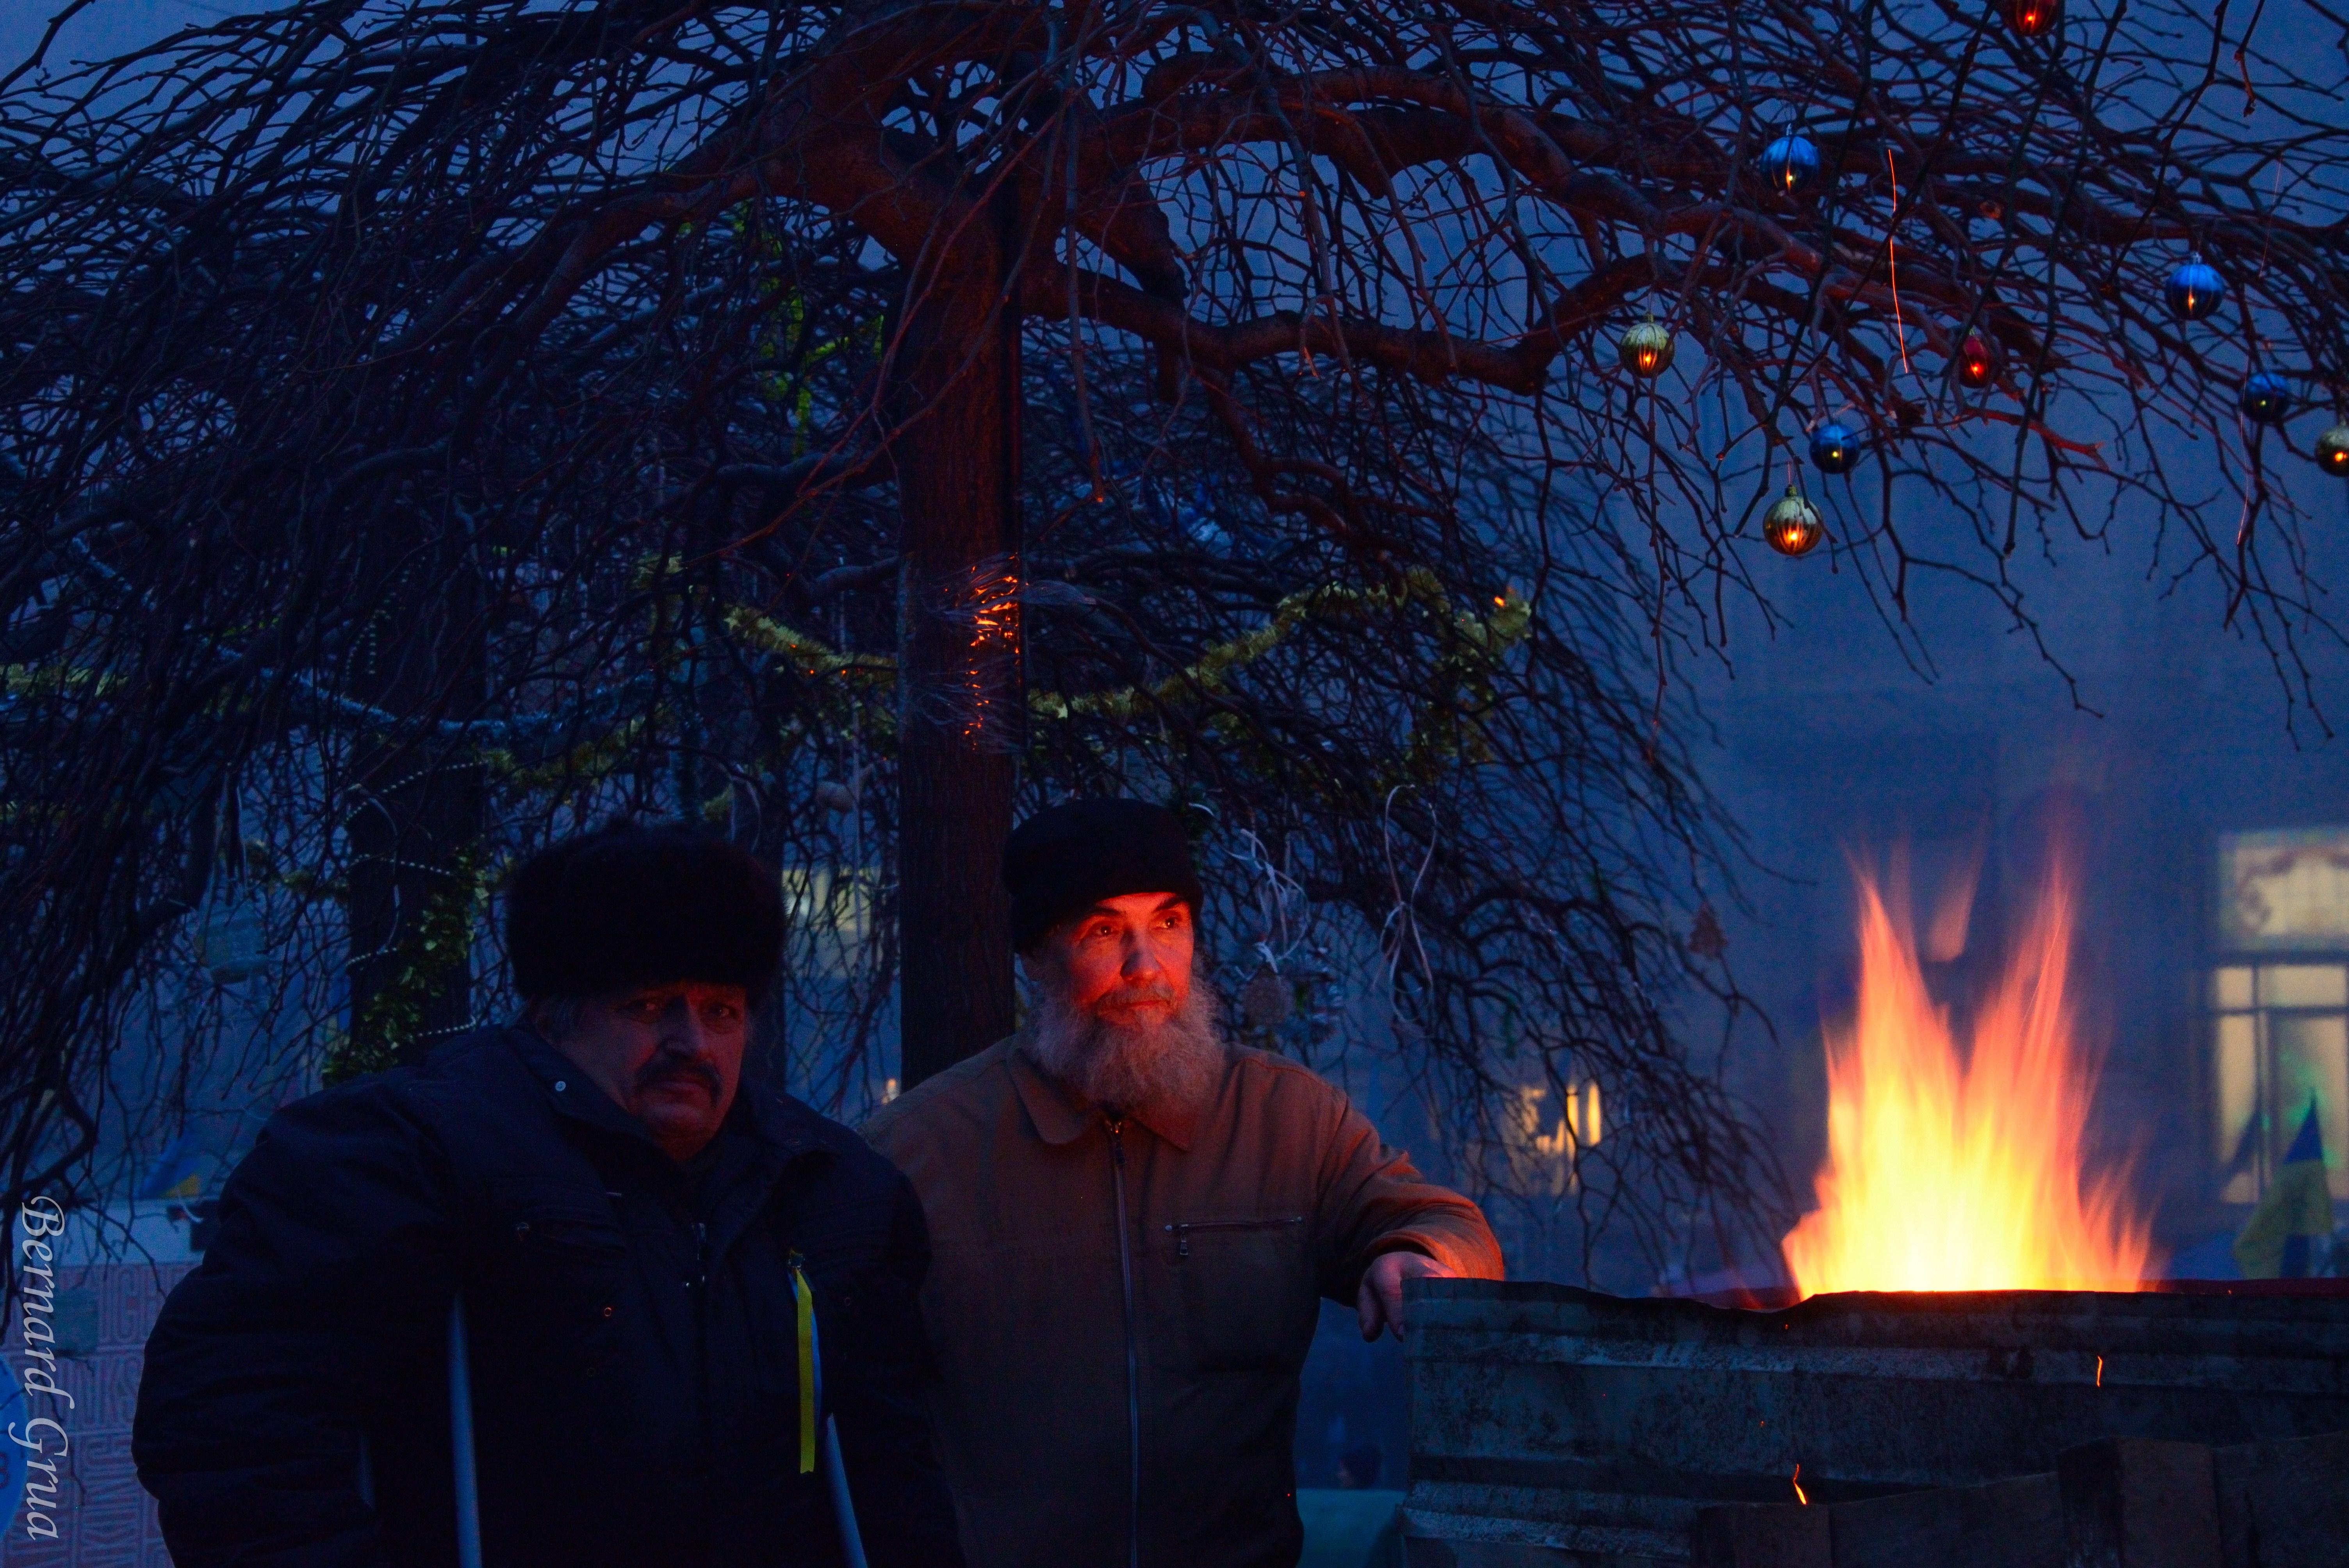 """Maïdan, Kyiv, 31/12/2013, photo Bernard Grua DR Commentaire de Pavlo Kuzyk, ami ukrainien: """"Une autre de mes photos préférées. Le feu fournit un bel éclairage et des reflets sur les décorations du Nouvel An, et les visages des hommes reflètent leur inquiétude et leur incertitude quant à l'avenir du pays."""""""